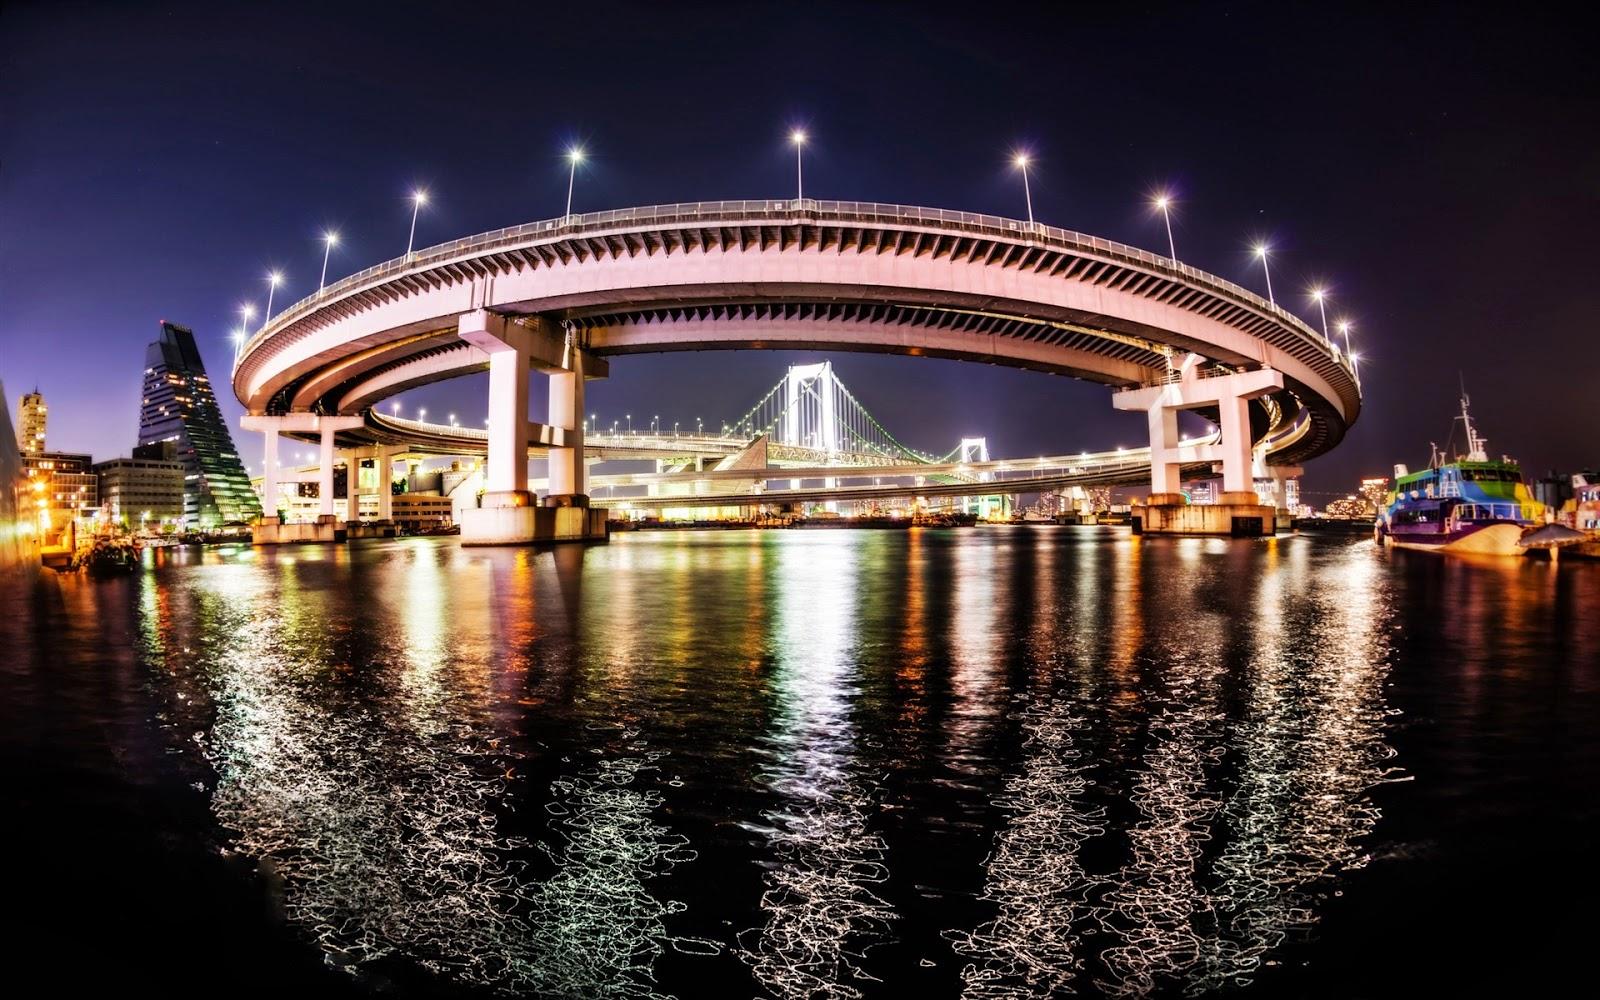 Infinite Loop Bridge in Tokyo